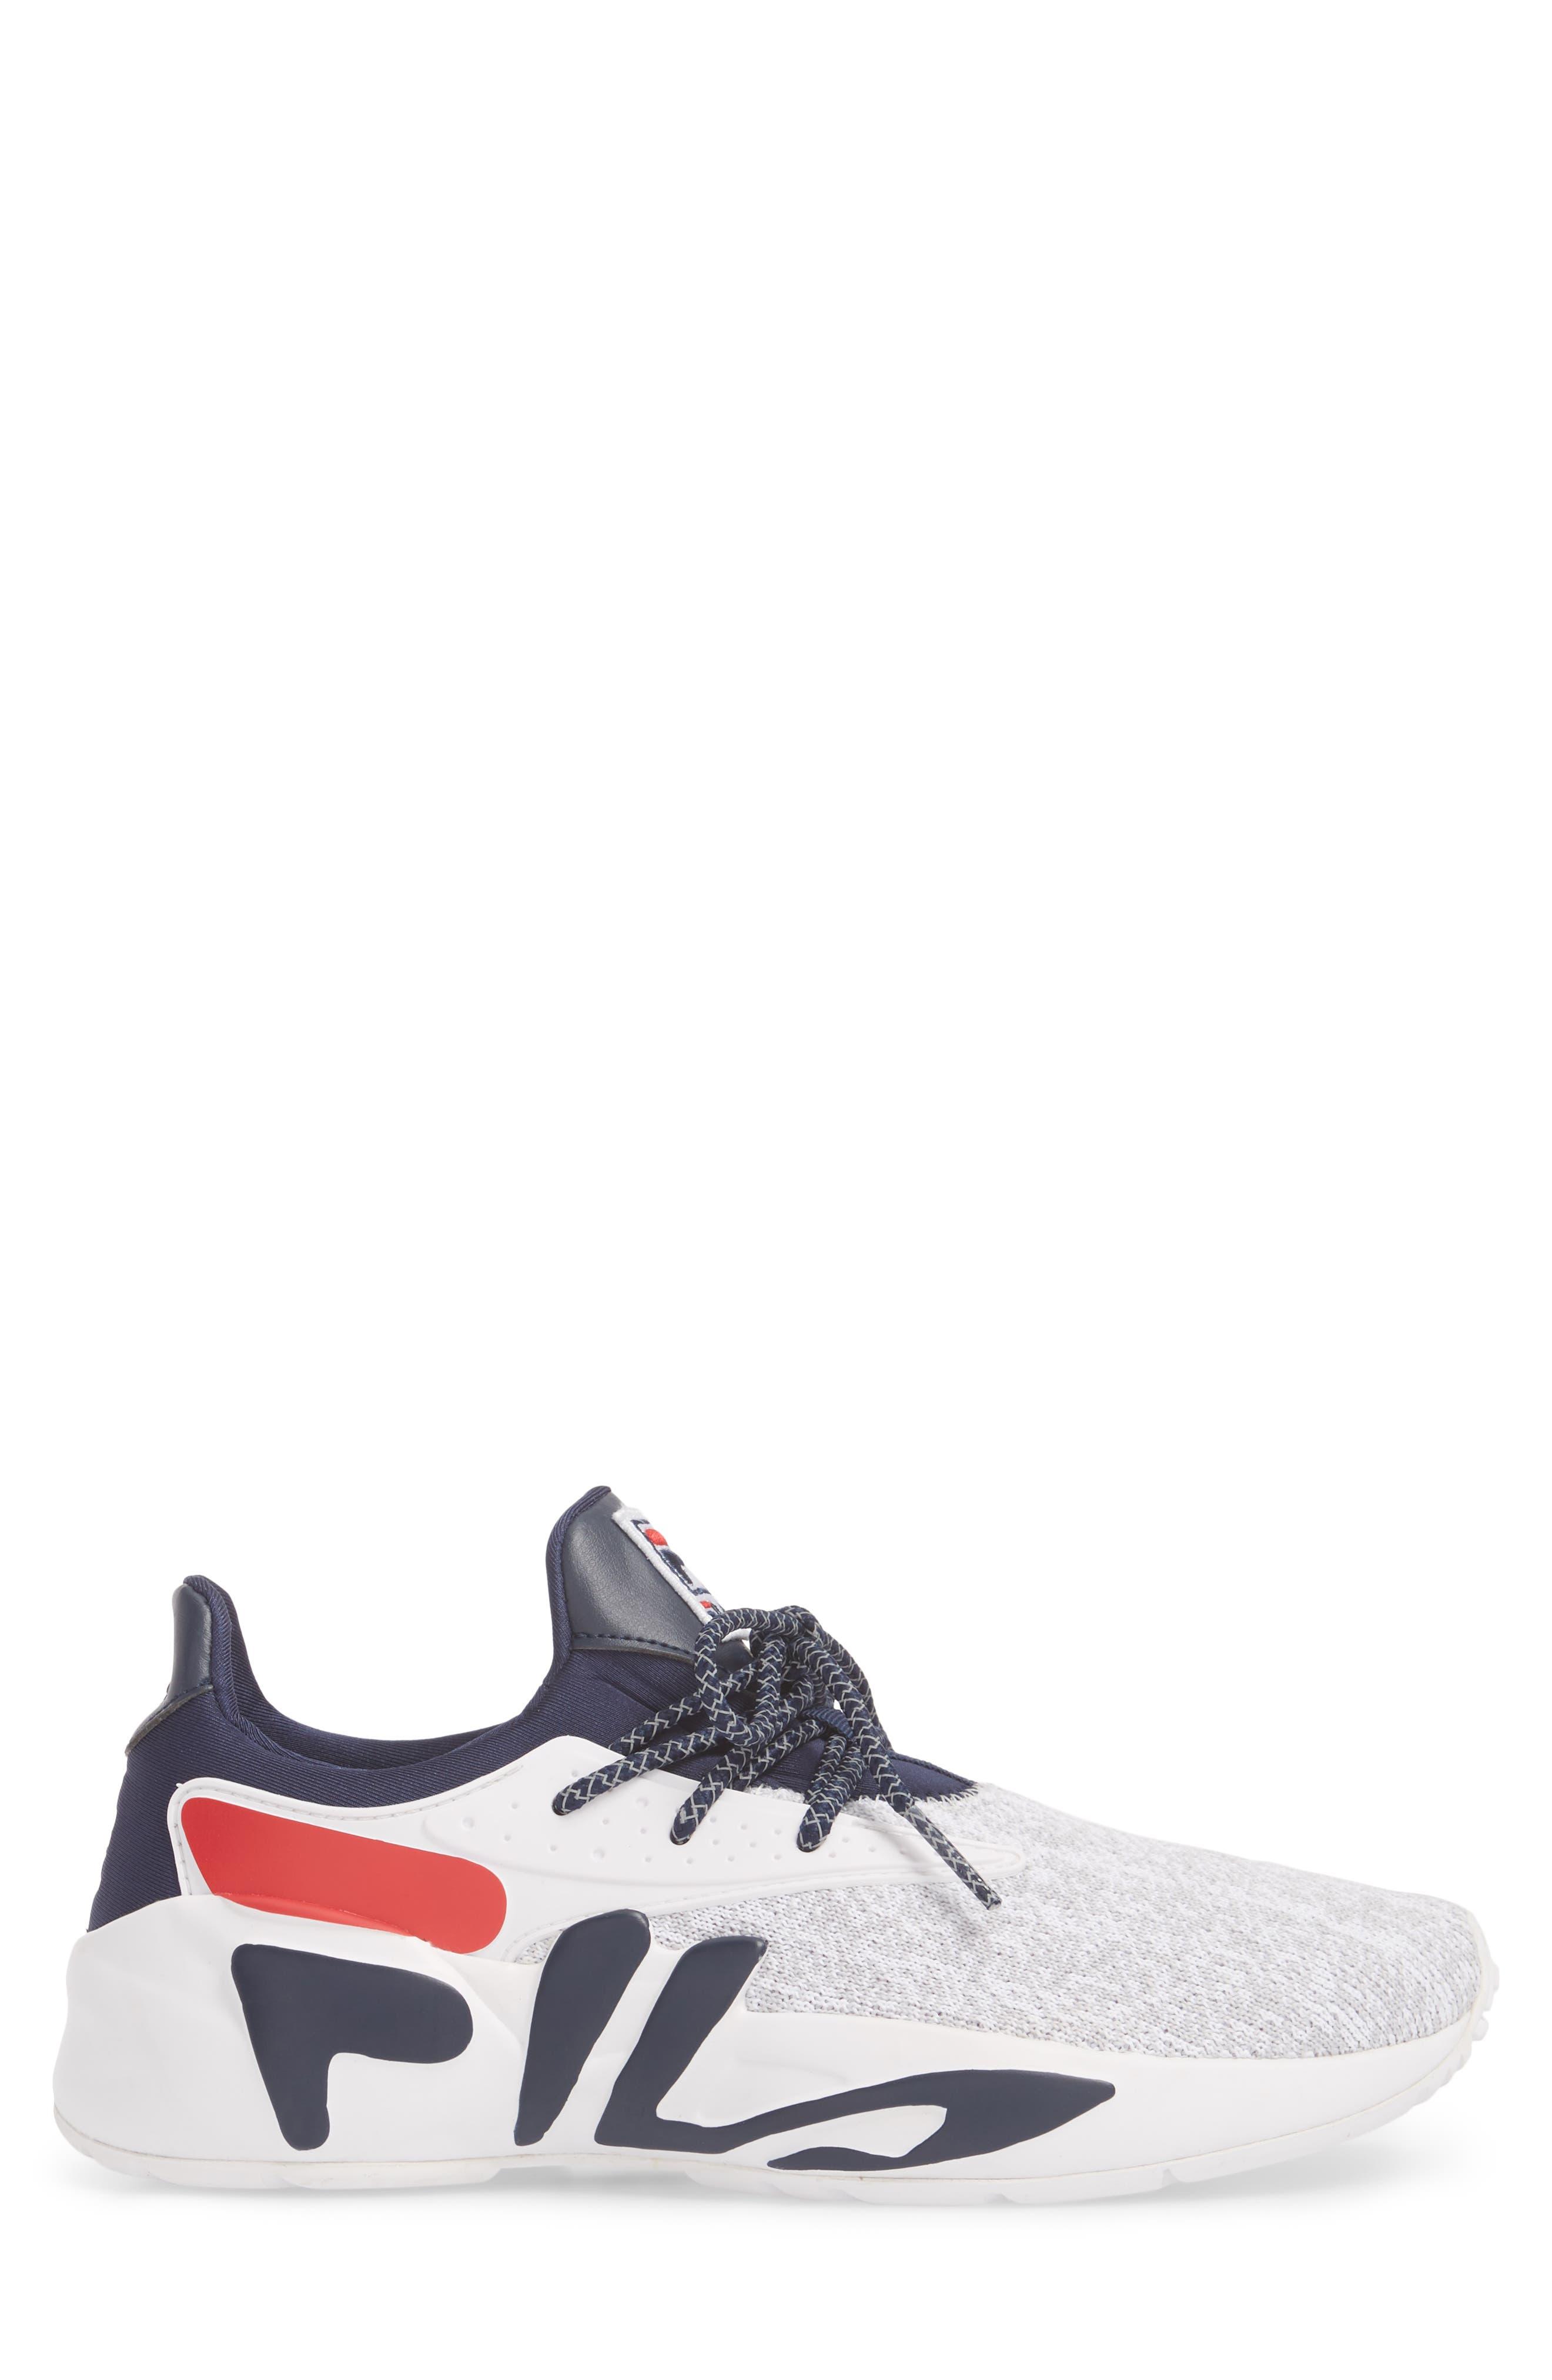 Mindbreaker 2.0 Sneaker,                             Alternate thumbnail 3, color,                             White/ Navy/ Red